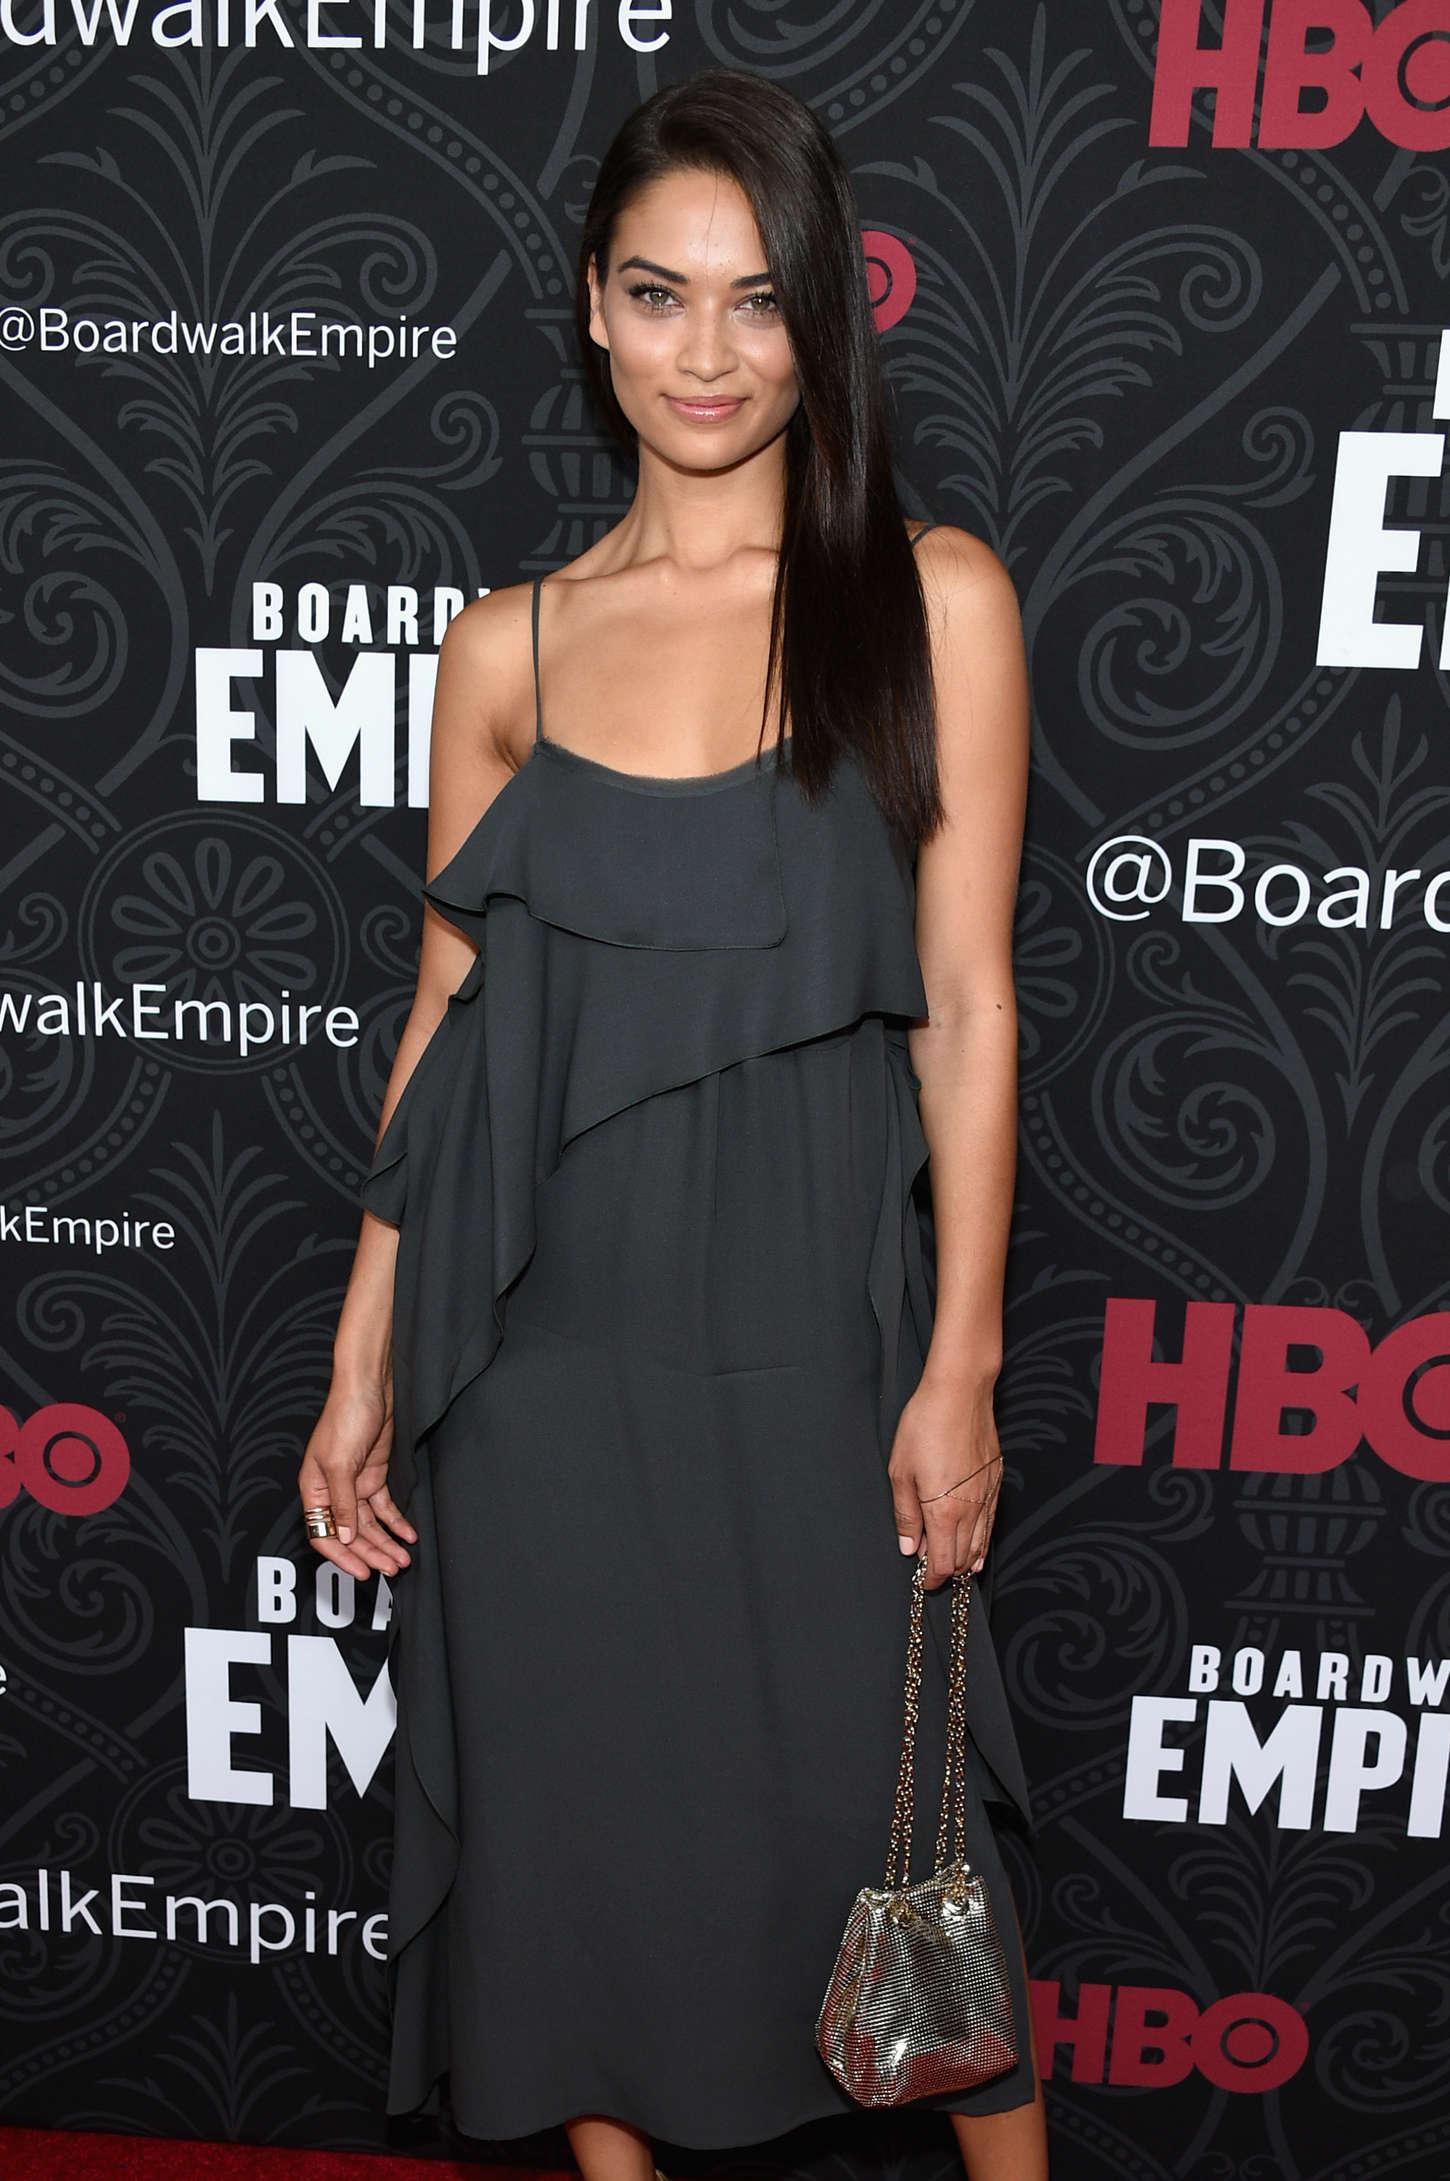 Shanina Shaik 2014 : Shanina Shaik: Boardwalk Empire Season 5 NY Premiere -02